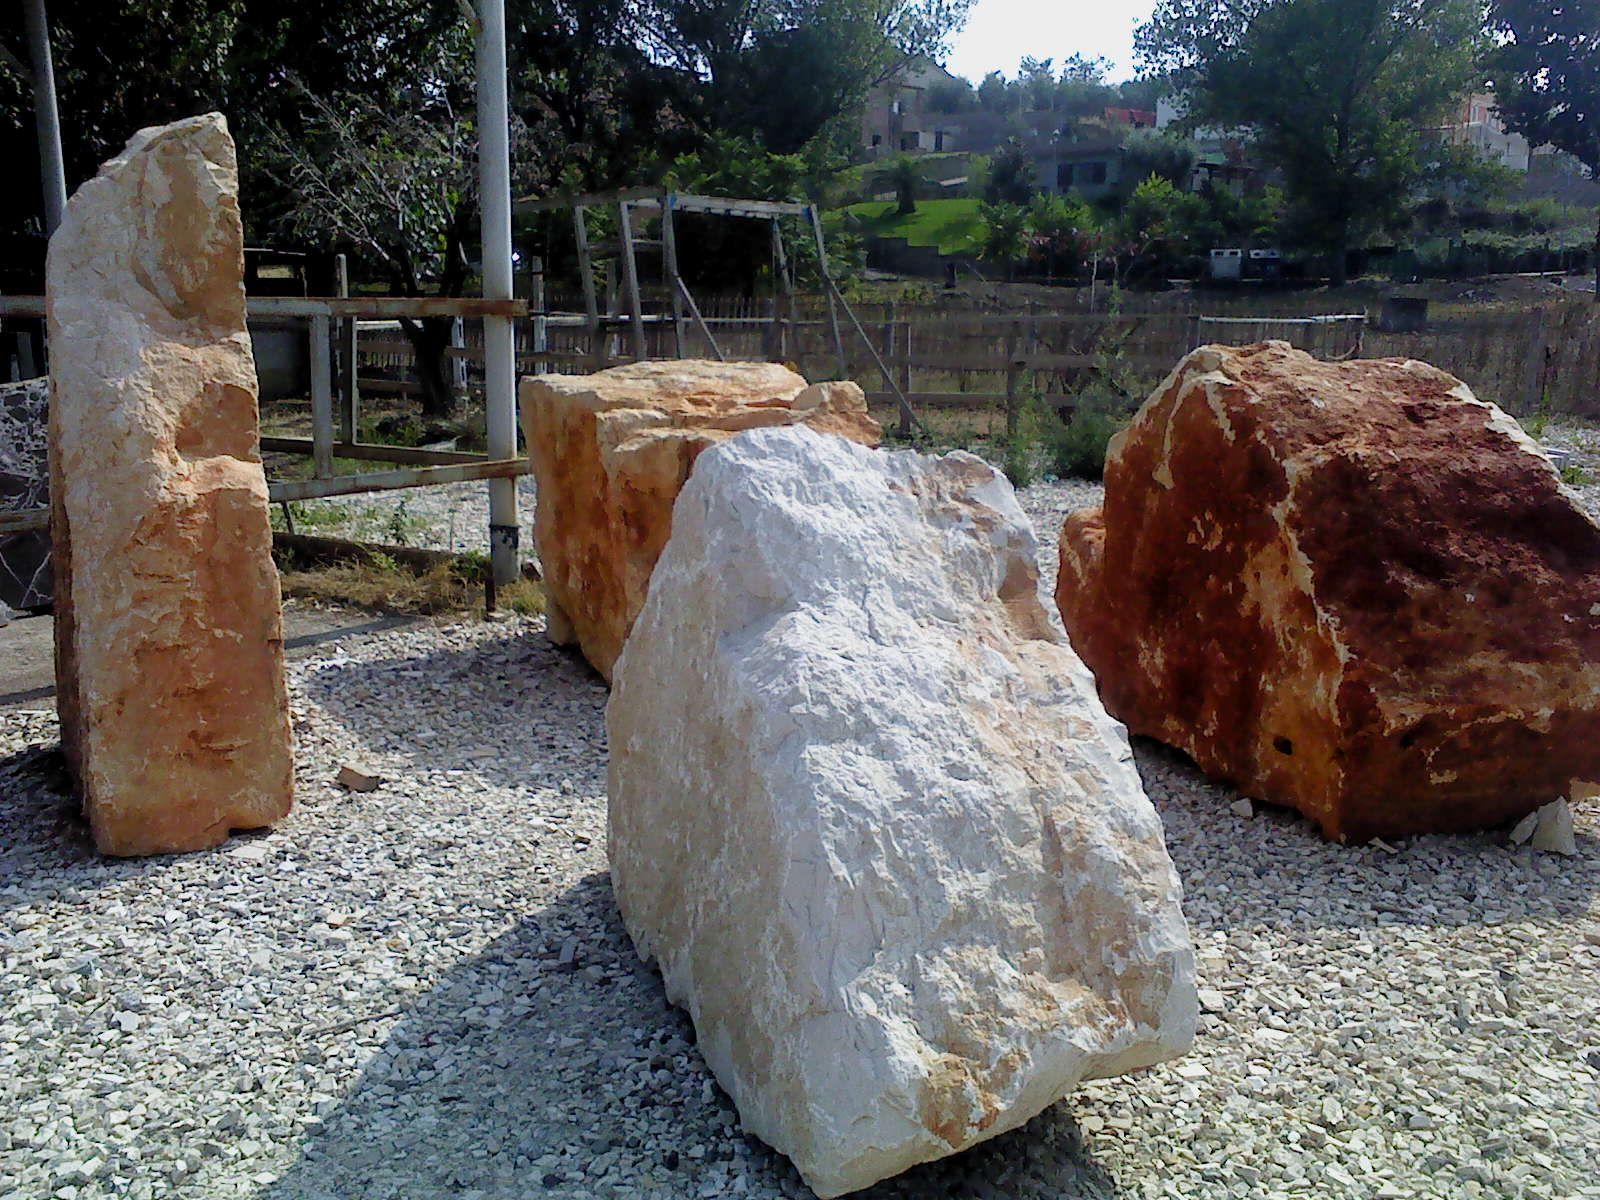 Pietre Per Arredo Giardino.Lavorazione Marmi Pregiati Roma Est Provincia Di Roma Lg Marmi E Pietre Marmista Pietre Da Giardino Giardino Arredamento Giardino